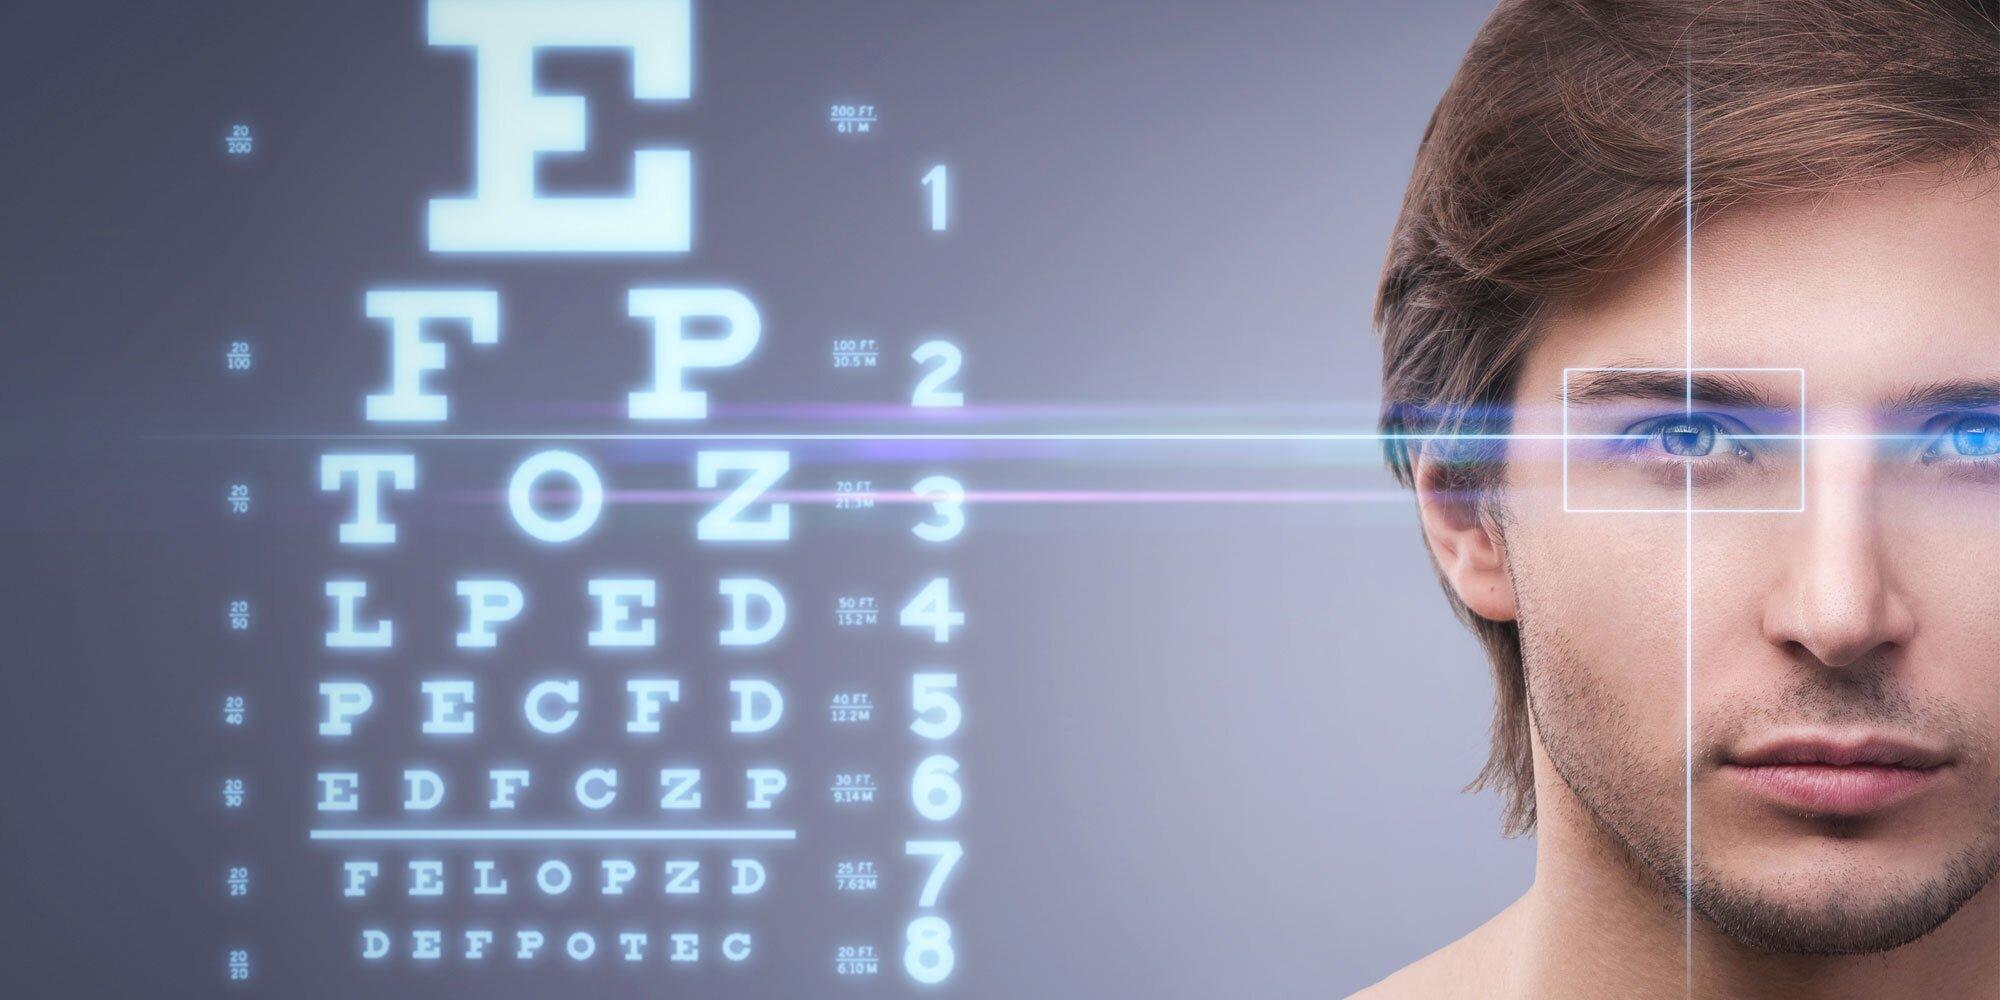 0a0b46aac Laserová operácia oboch očí metódou EPI-LASIK | Zlavomat.sk